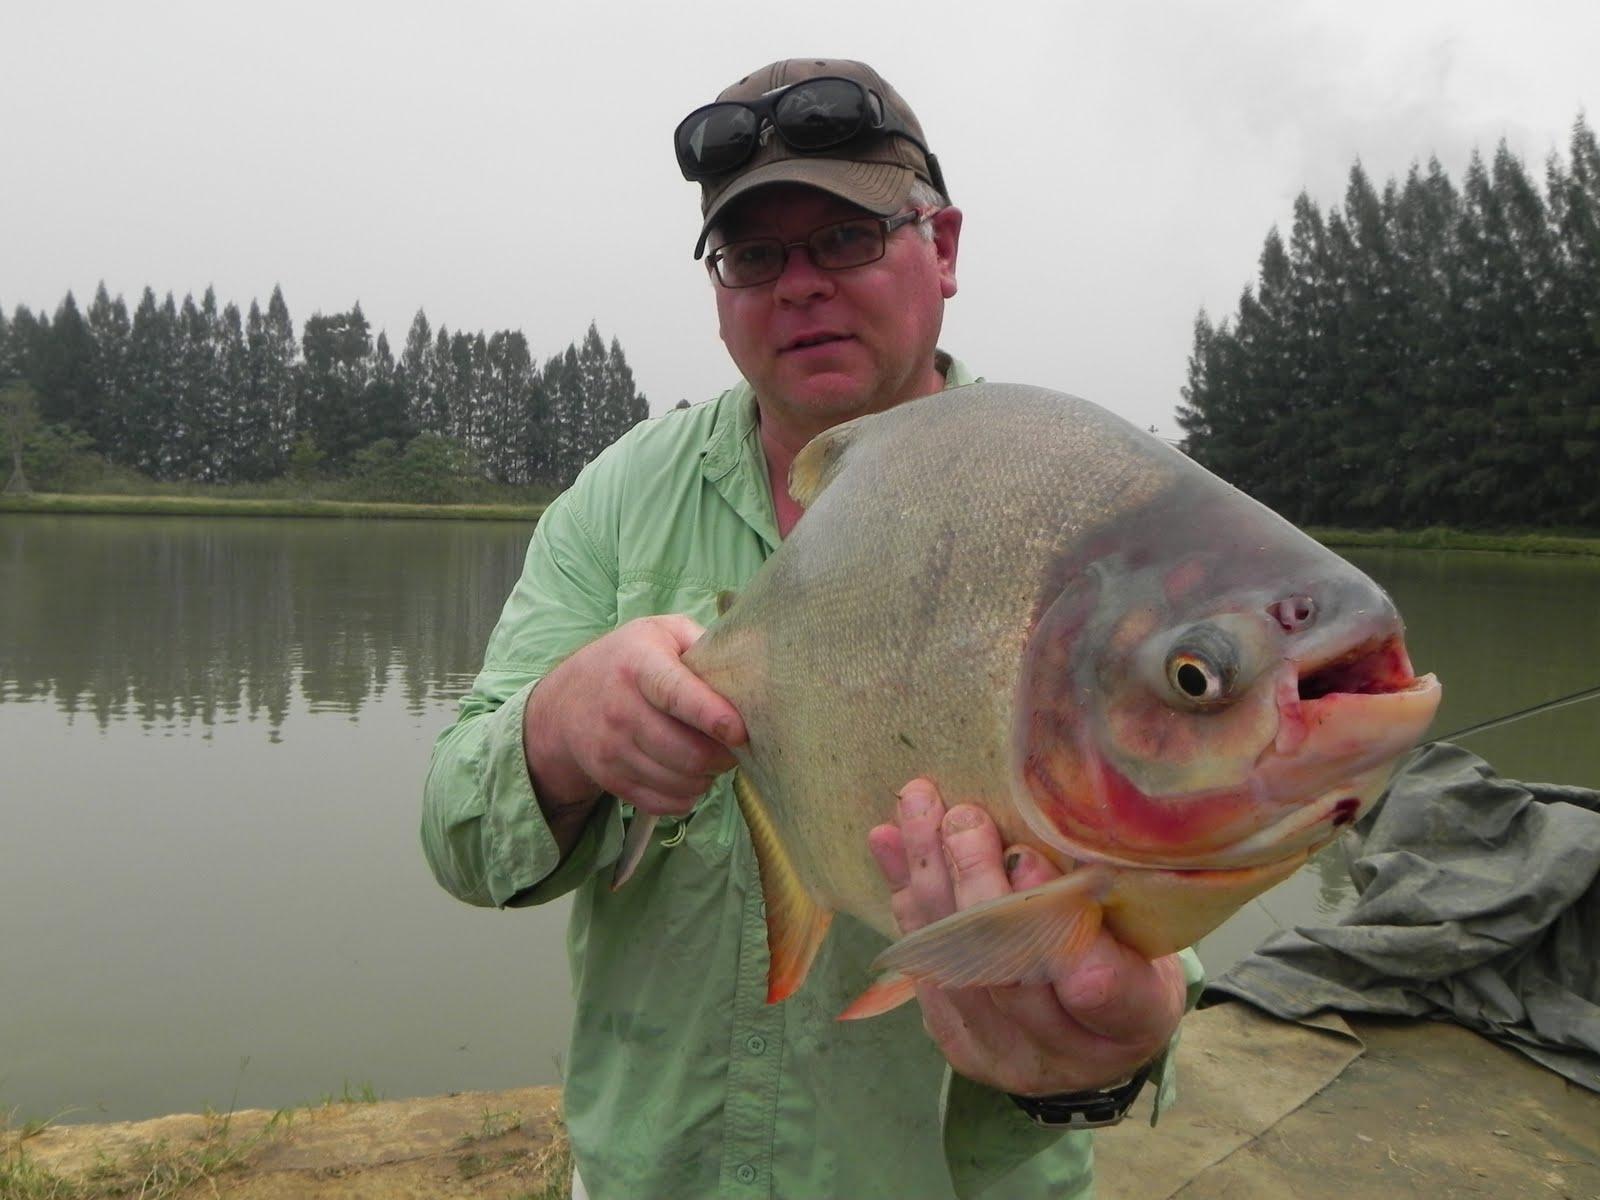 The Fishing News June